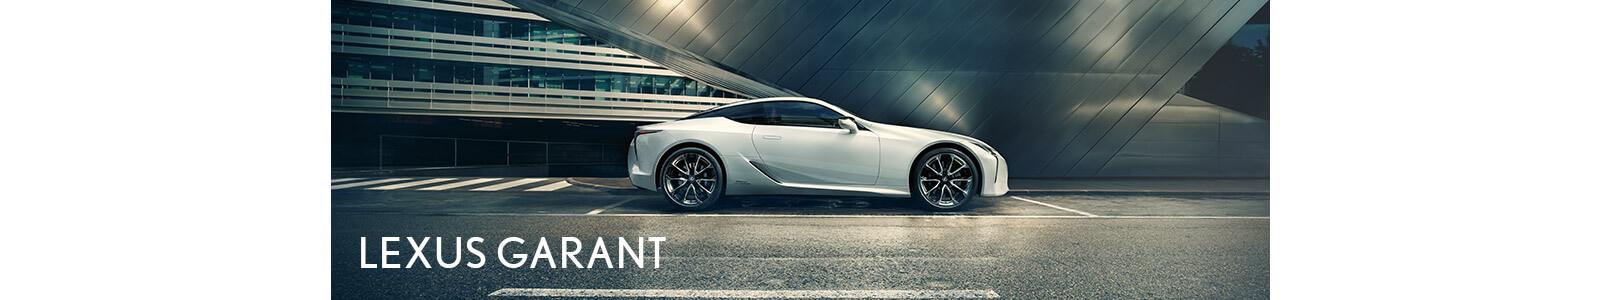 Lexus Garant Image